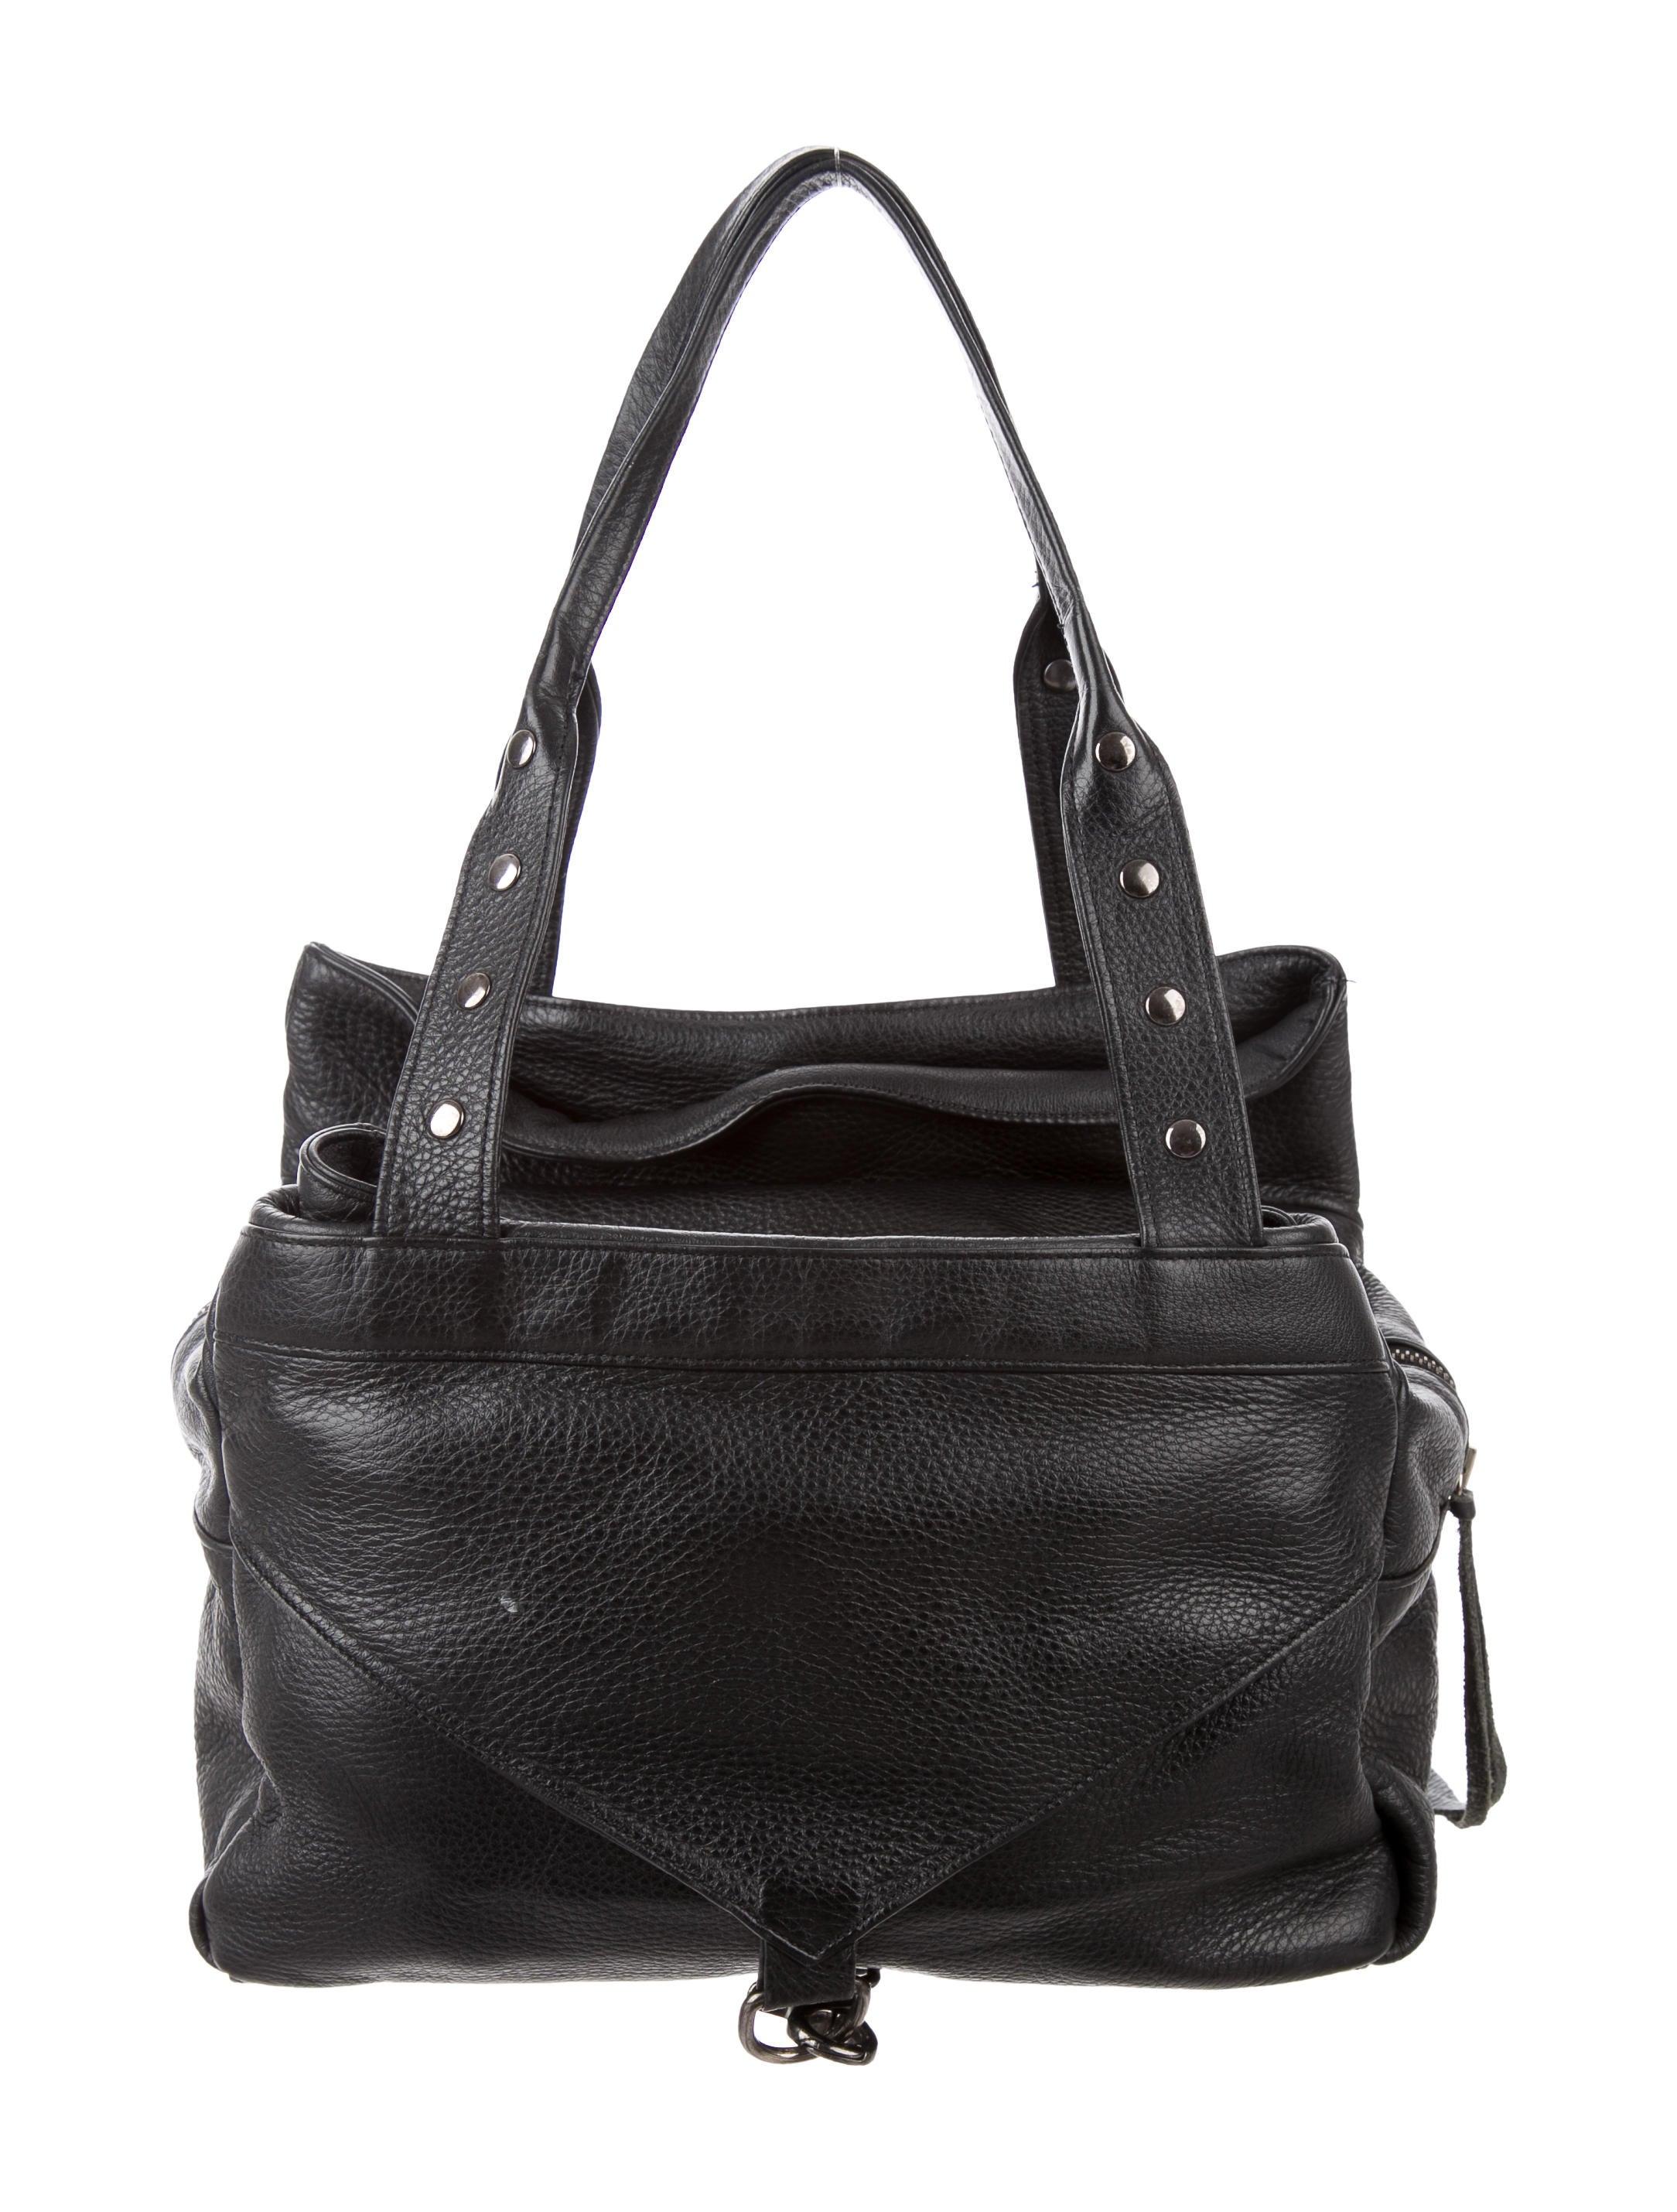 Botkier Studded Shoulder Bag - Handbags